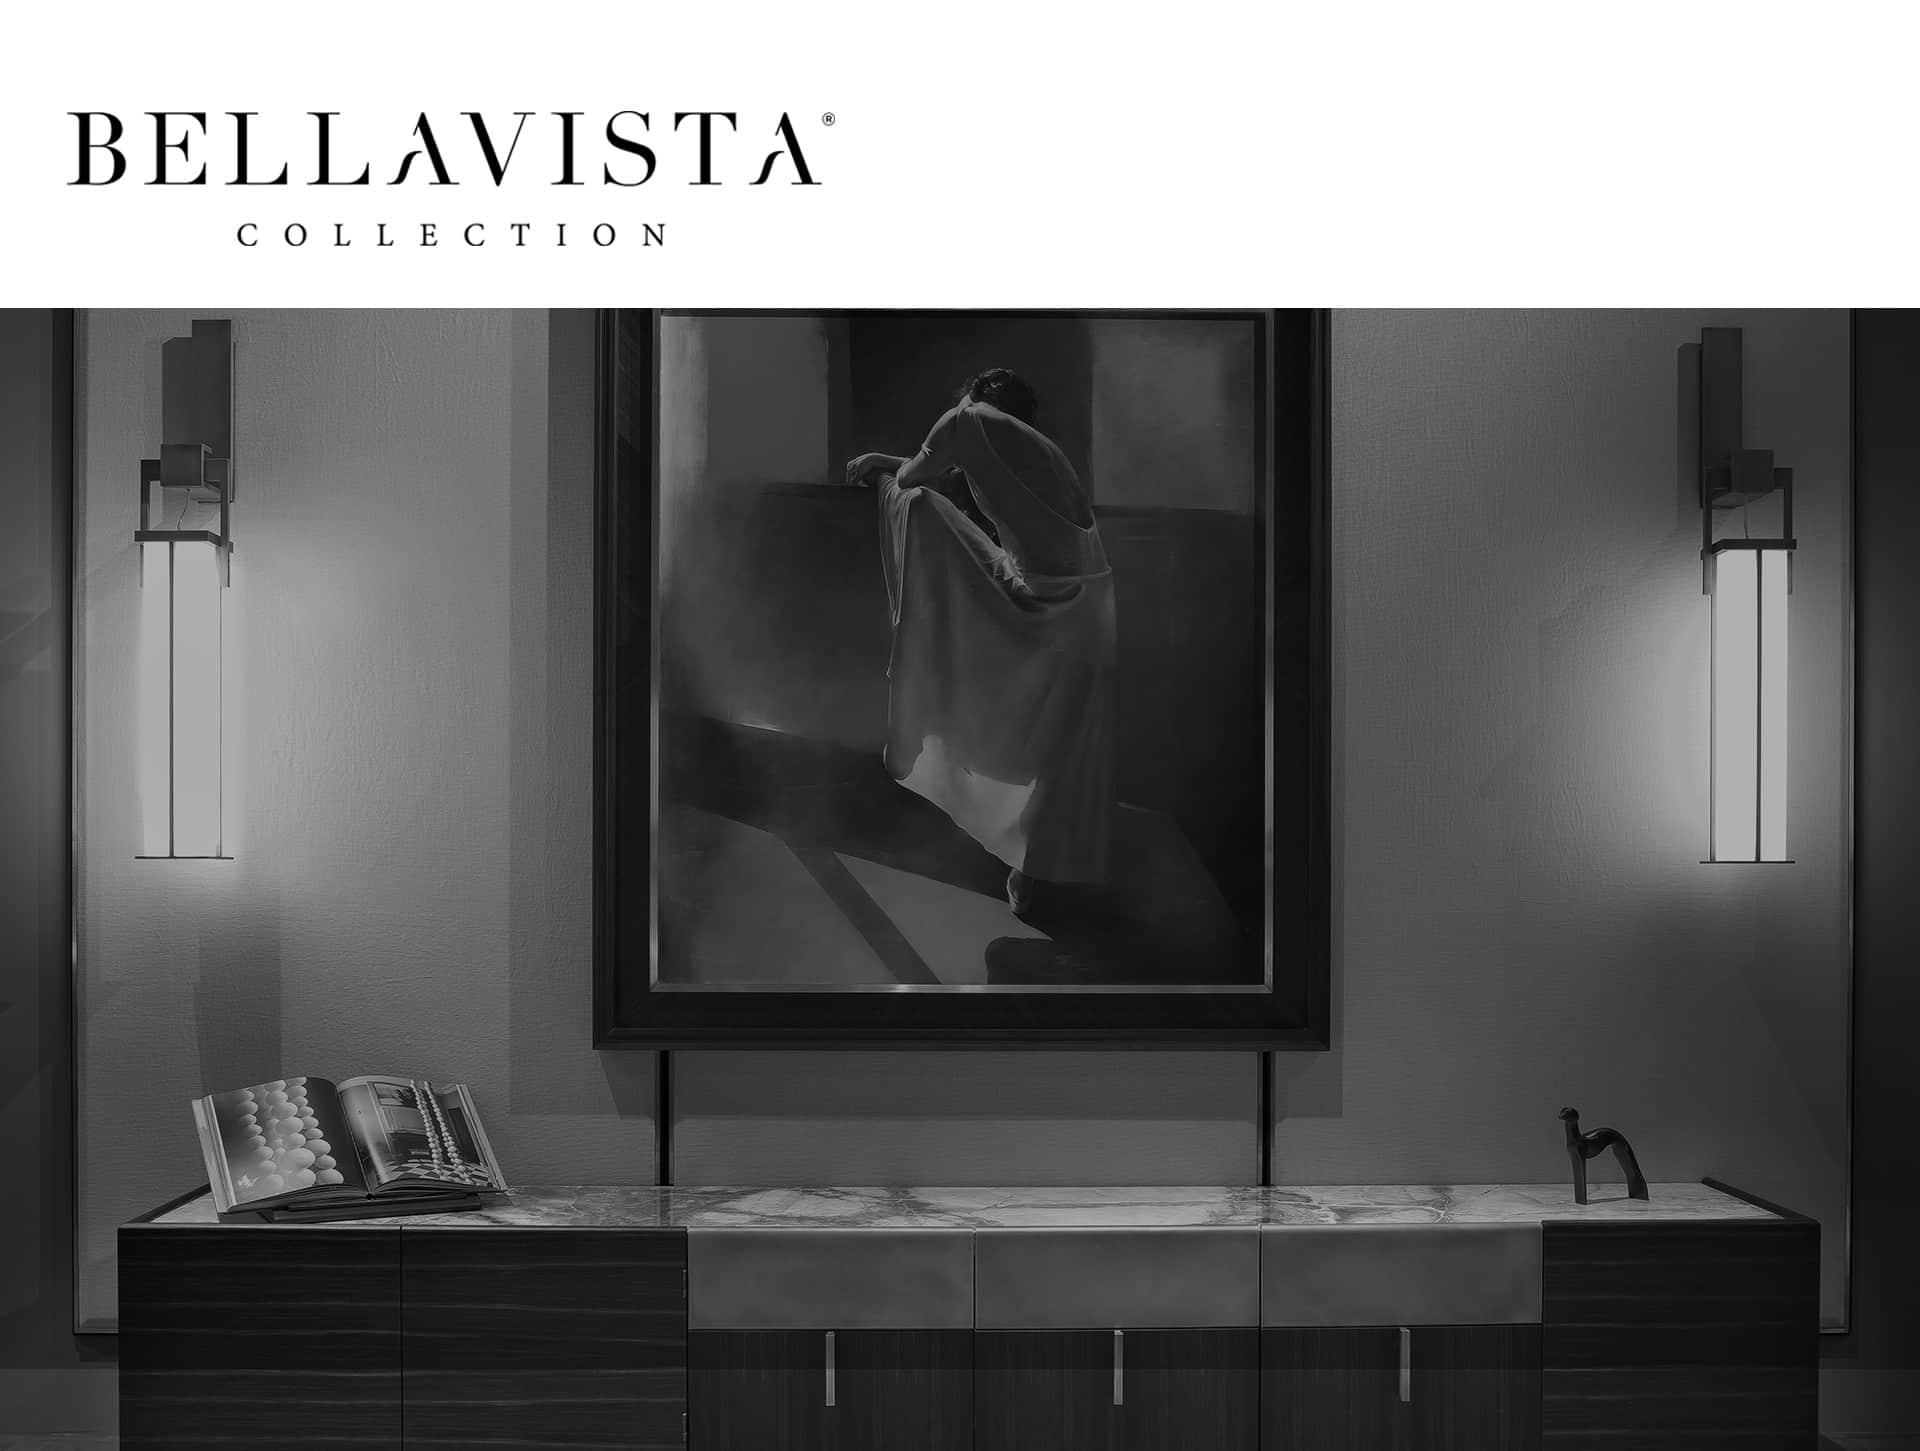 Bellavista Collection